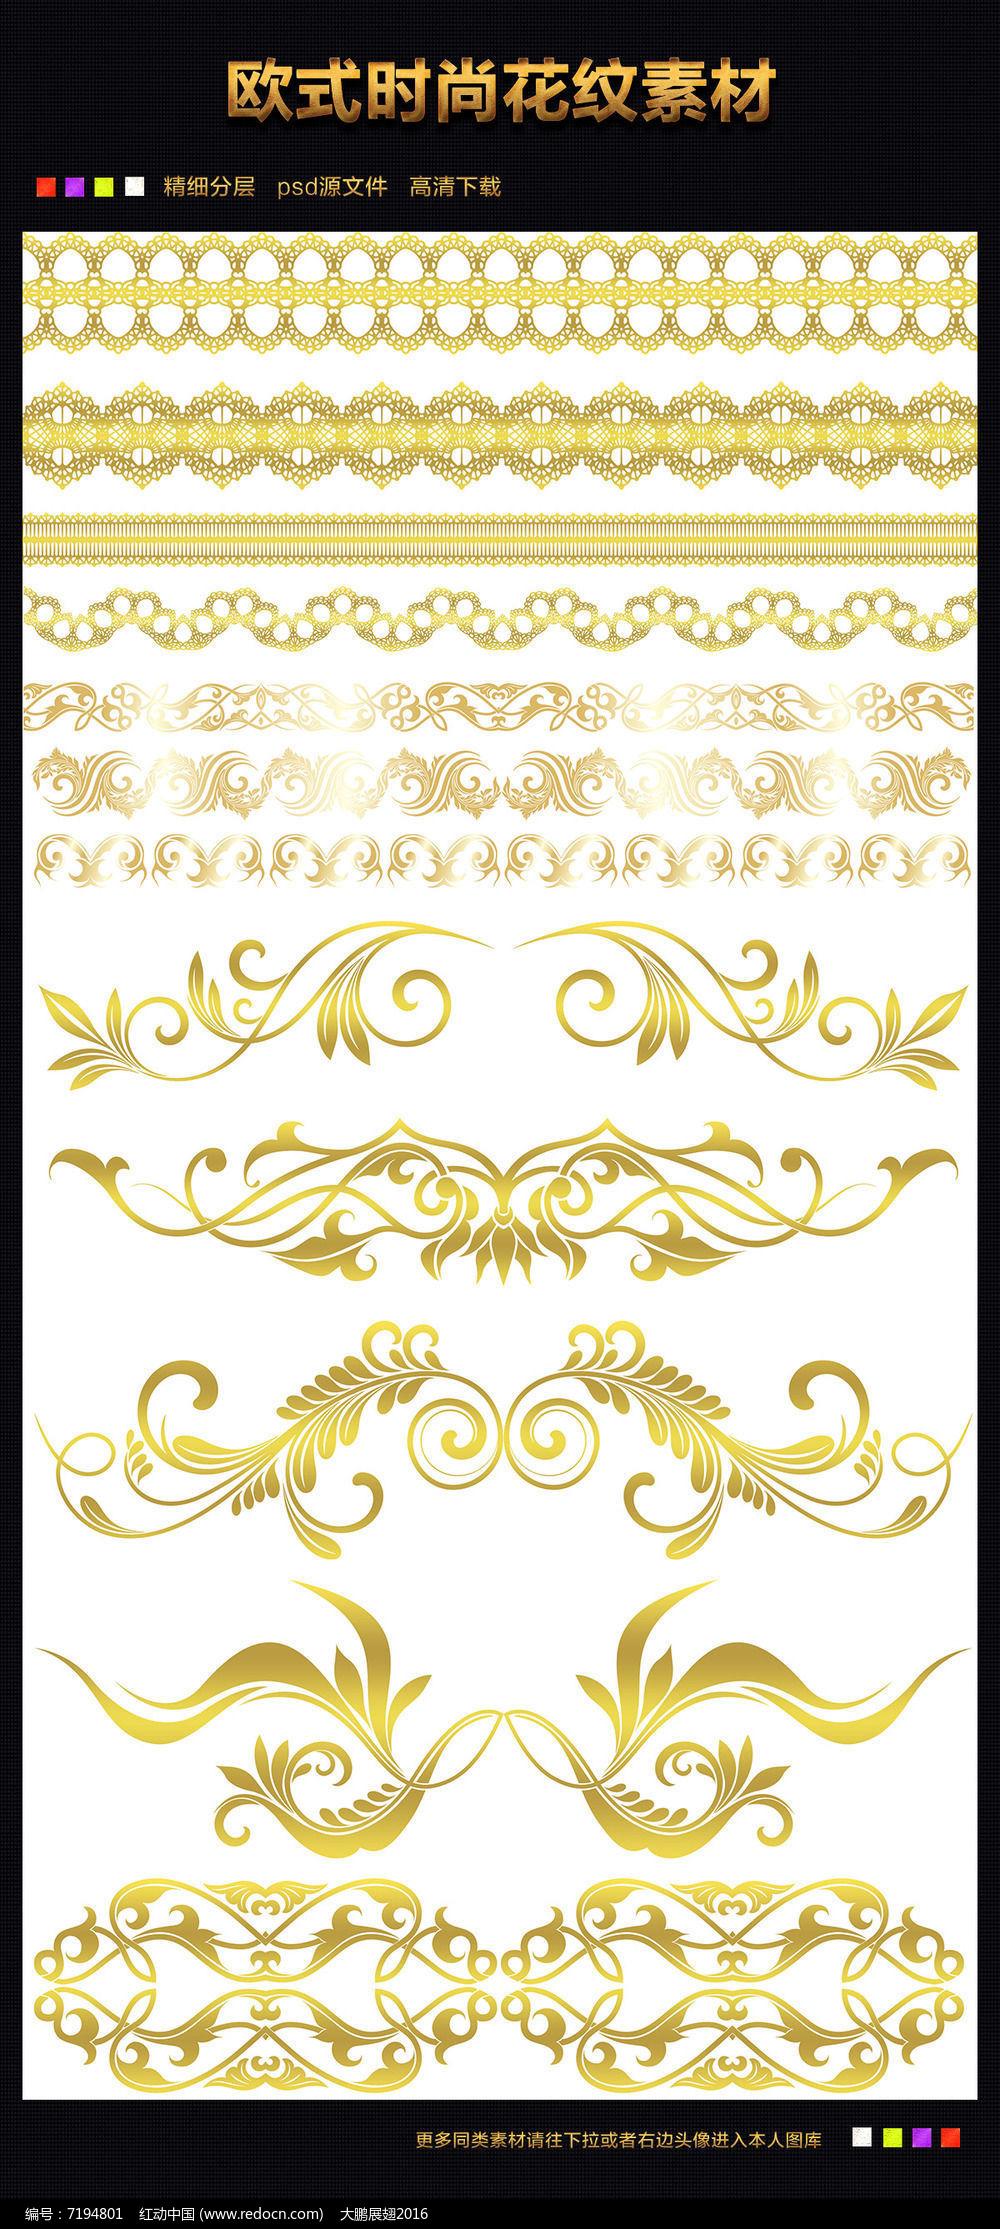 金色花纹花边素材下载